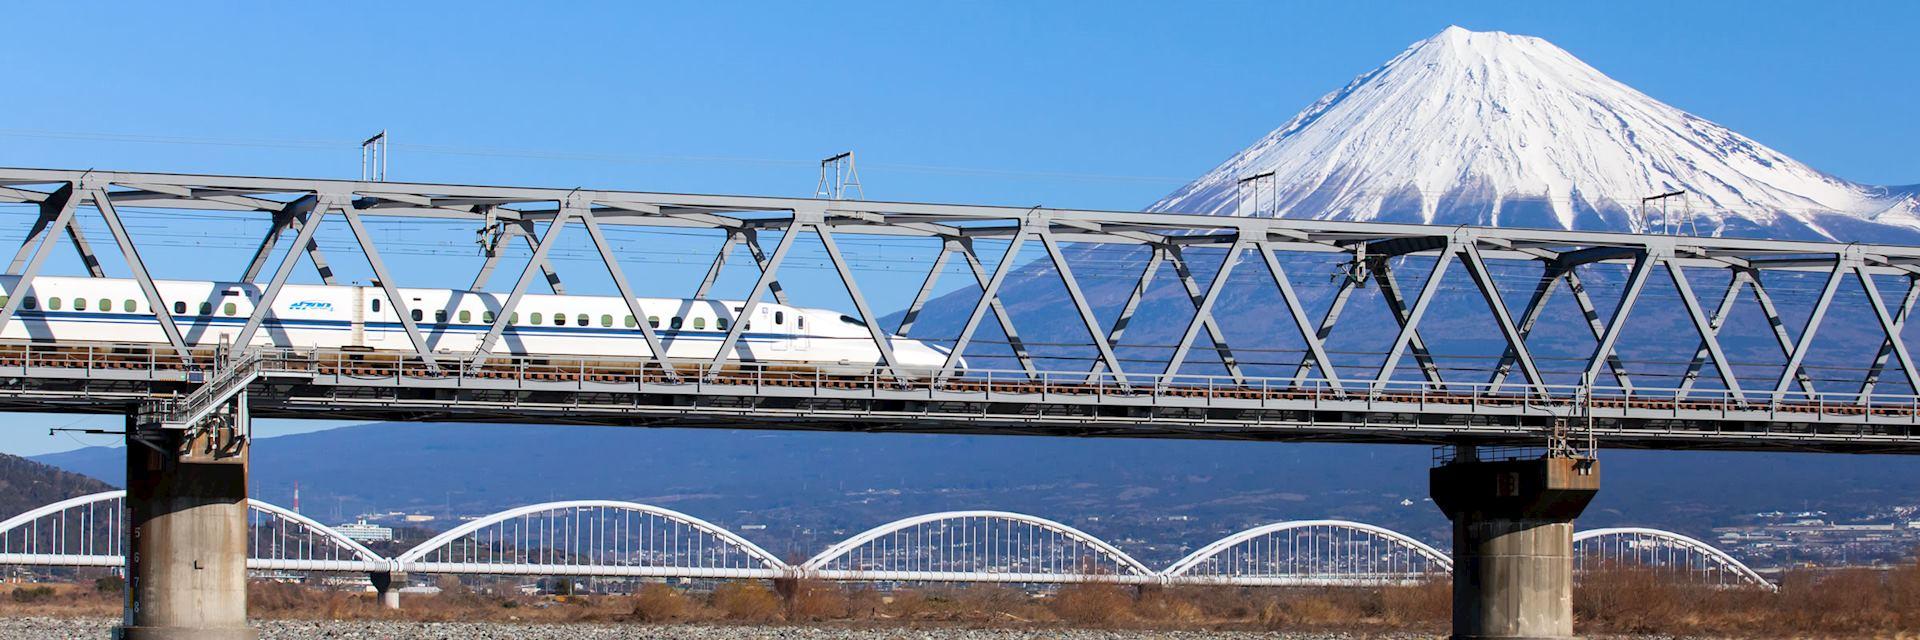 A bullet train passes Mount Fuji